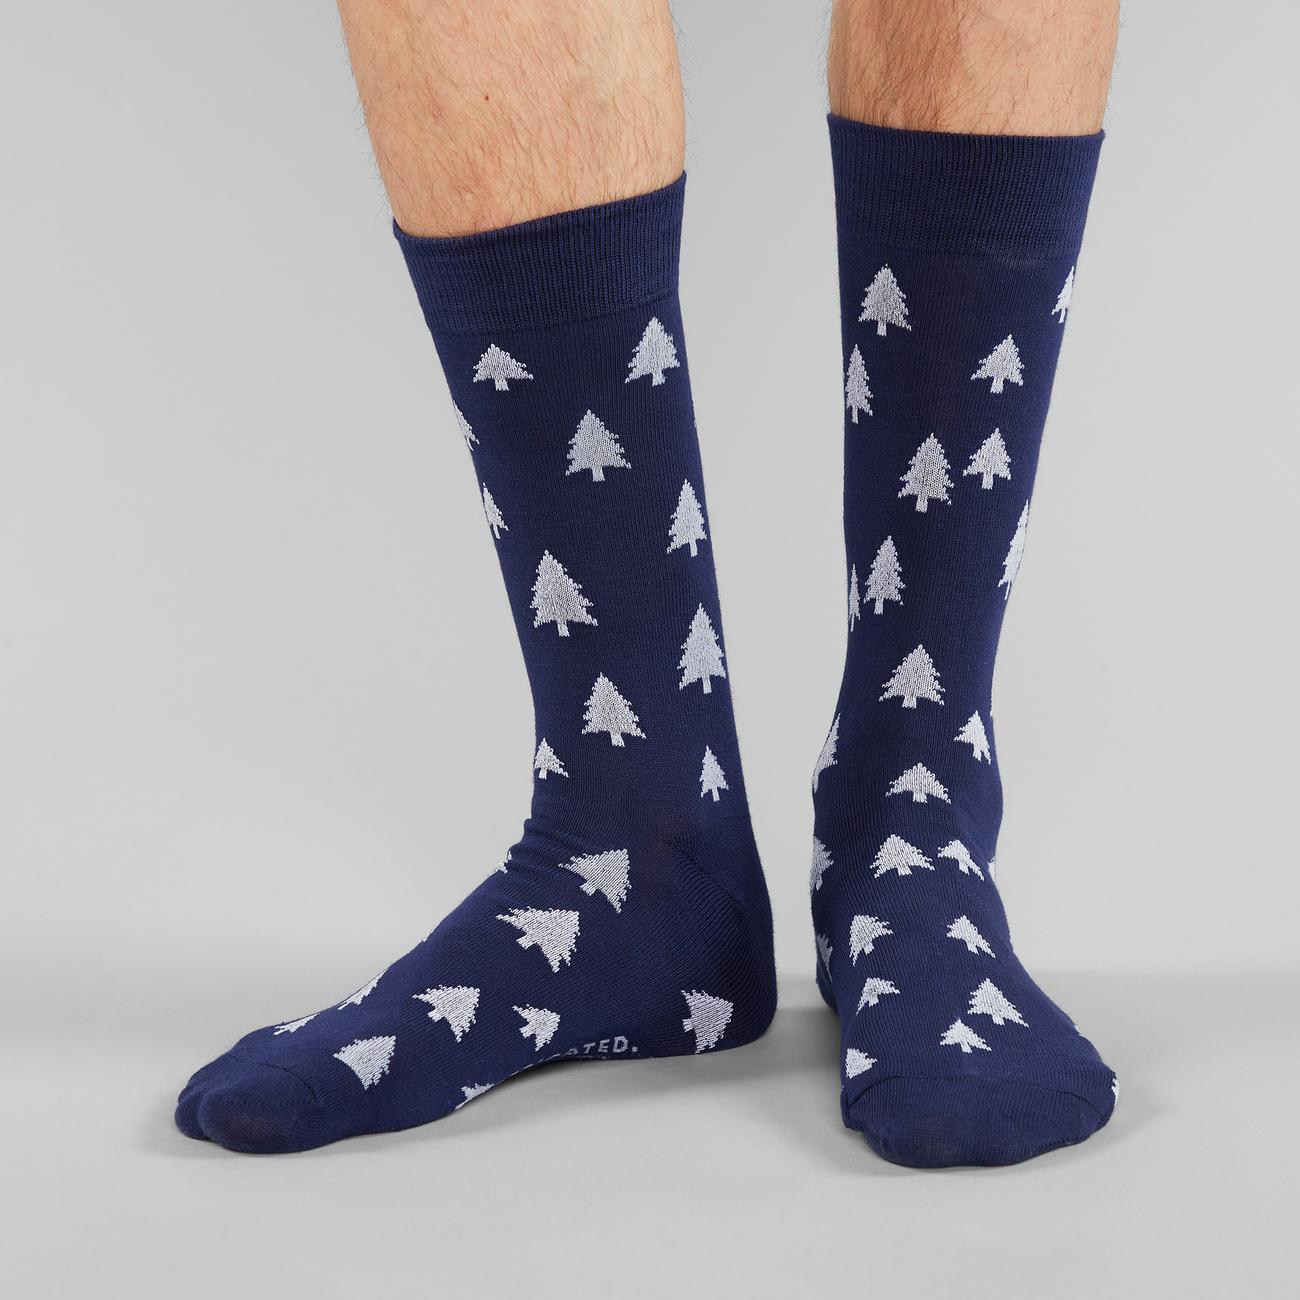 Socks Sigtuna Trees Navy